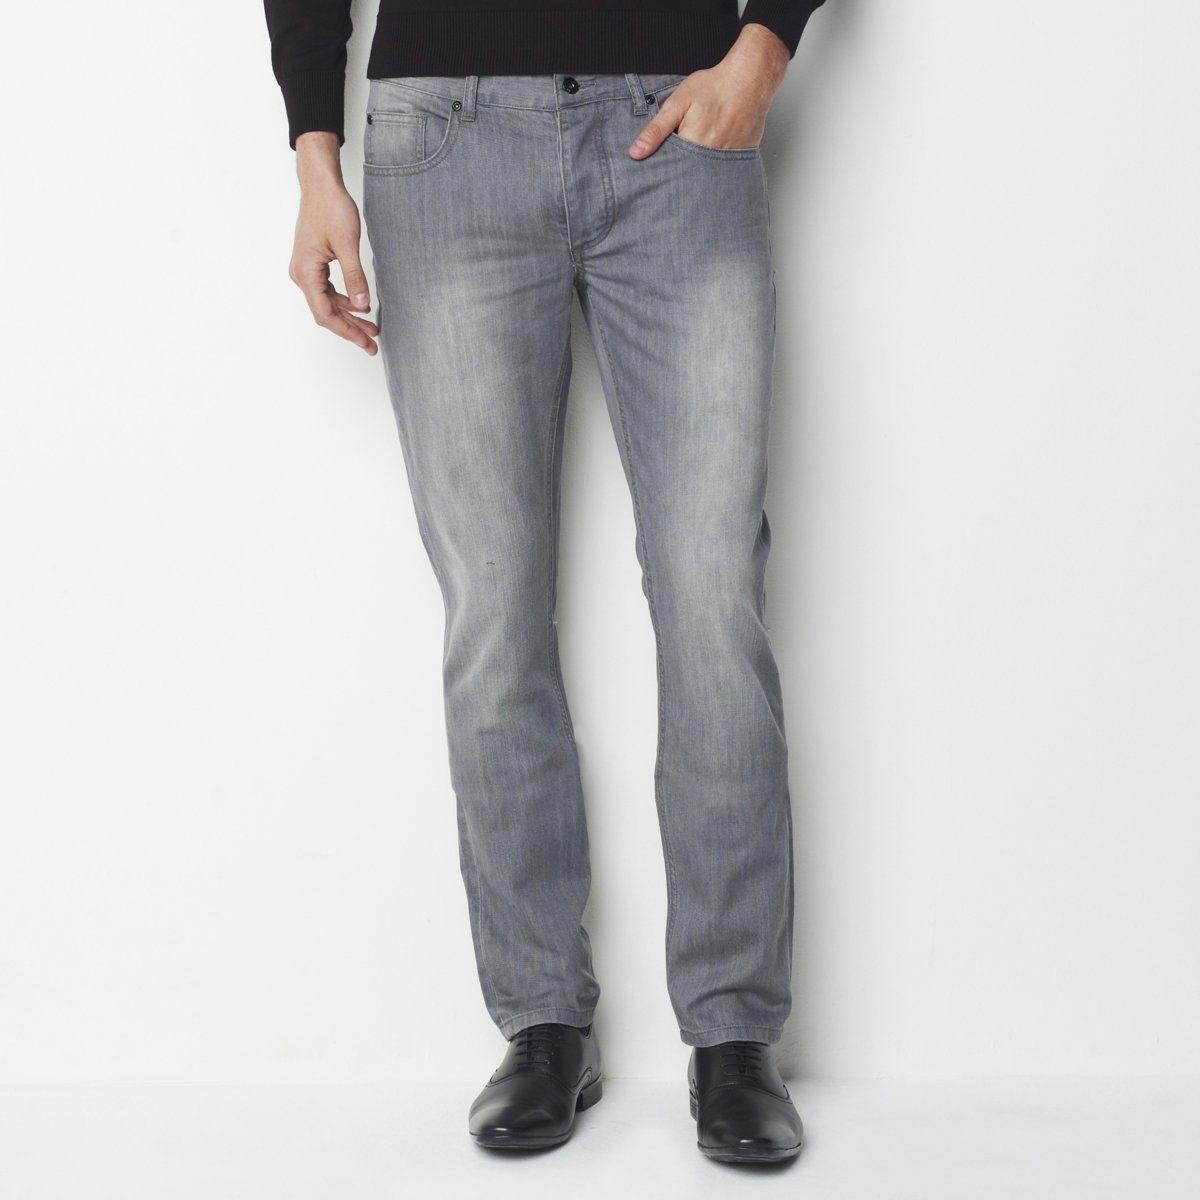 Джинсы узкие, длина 34 джинсы расклешенные длина 34